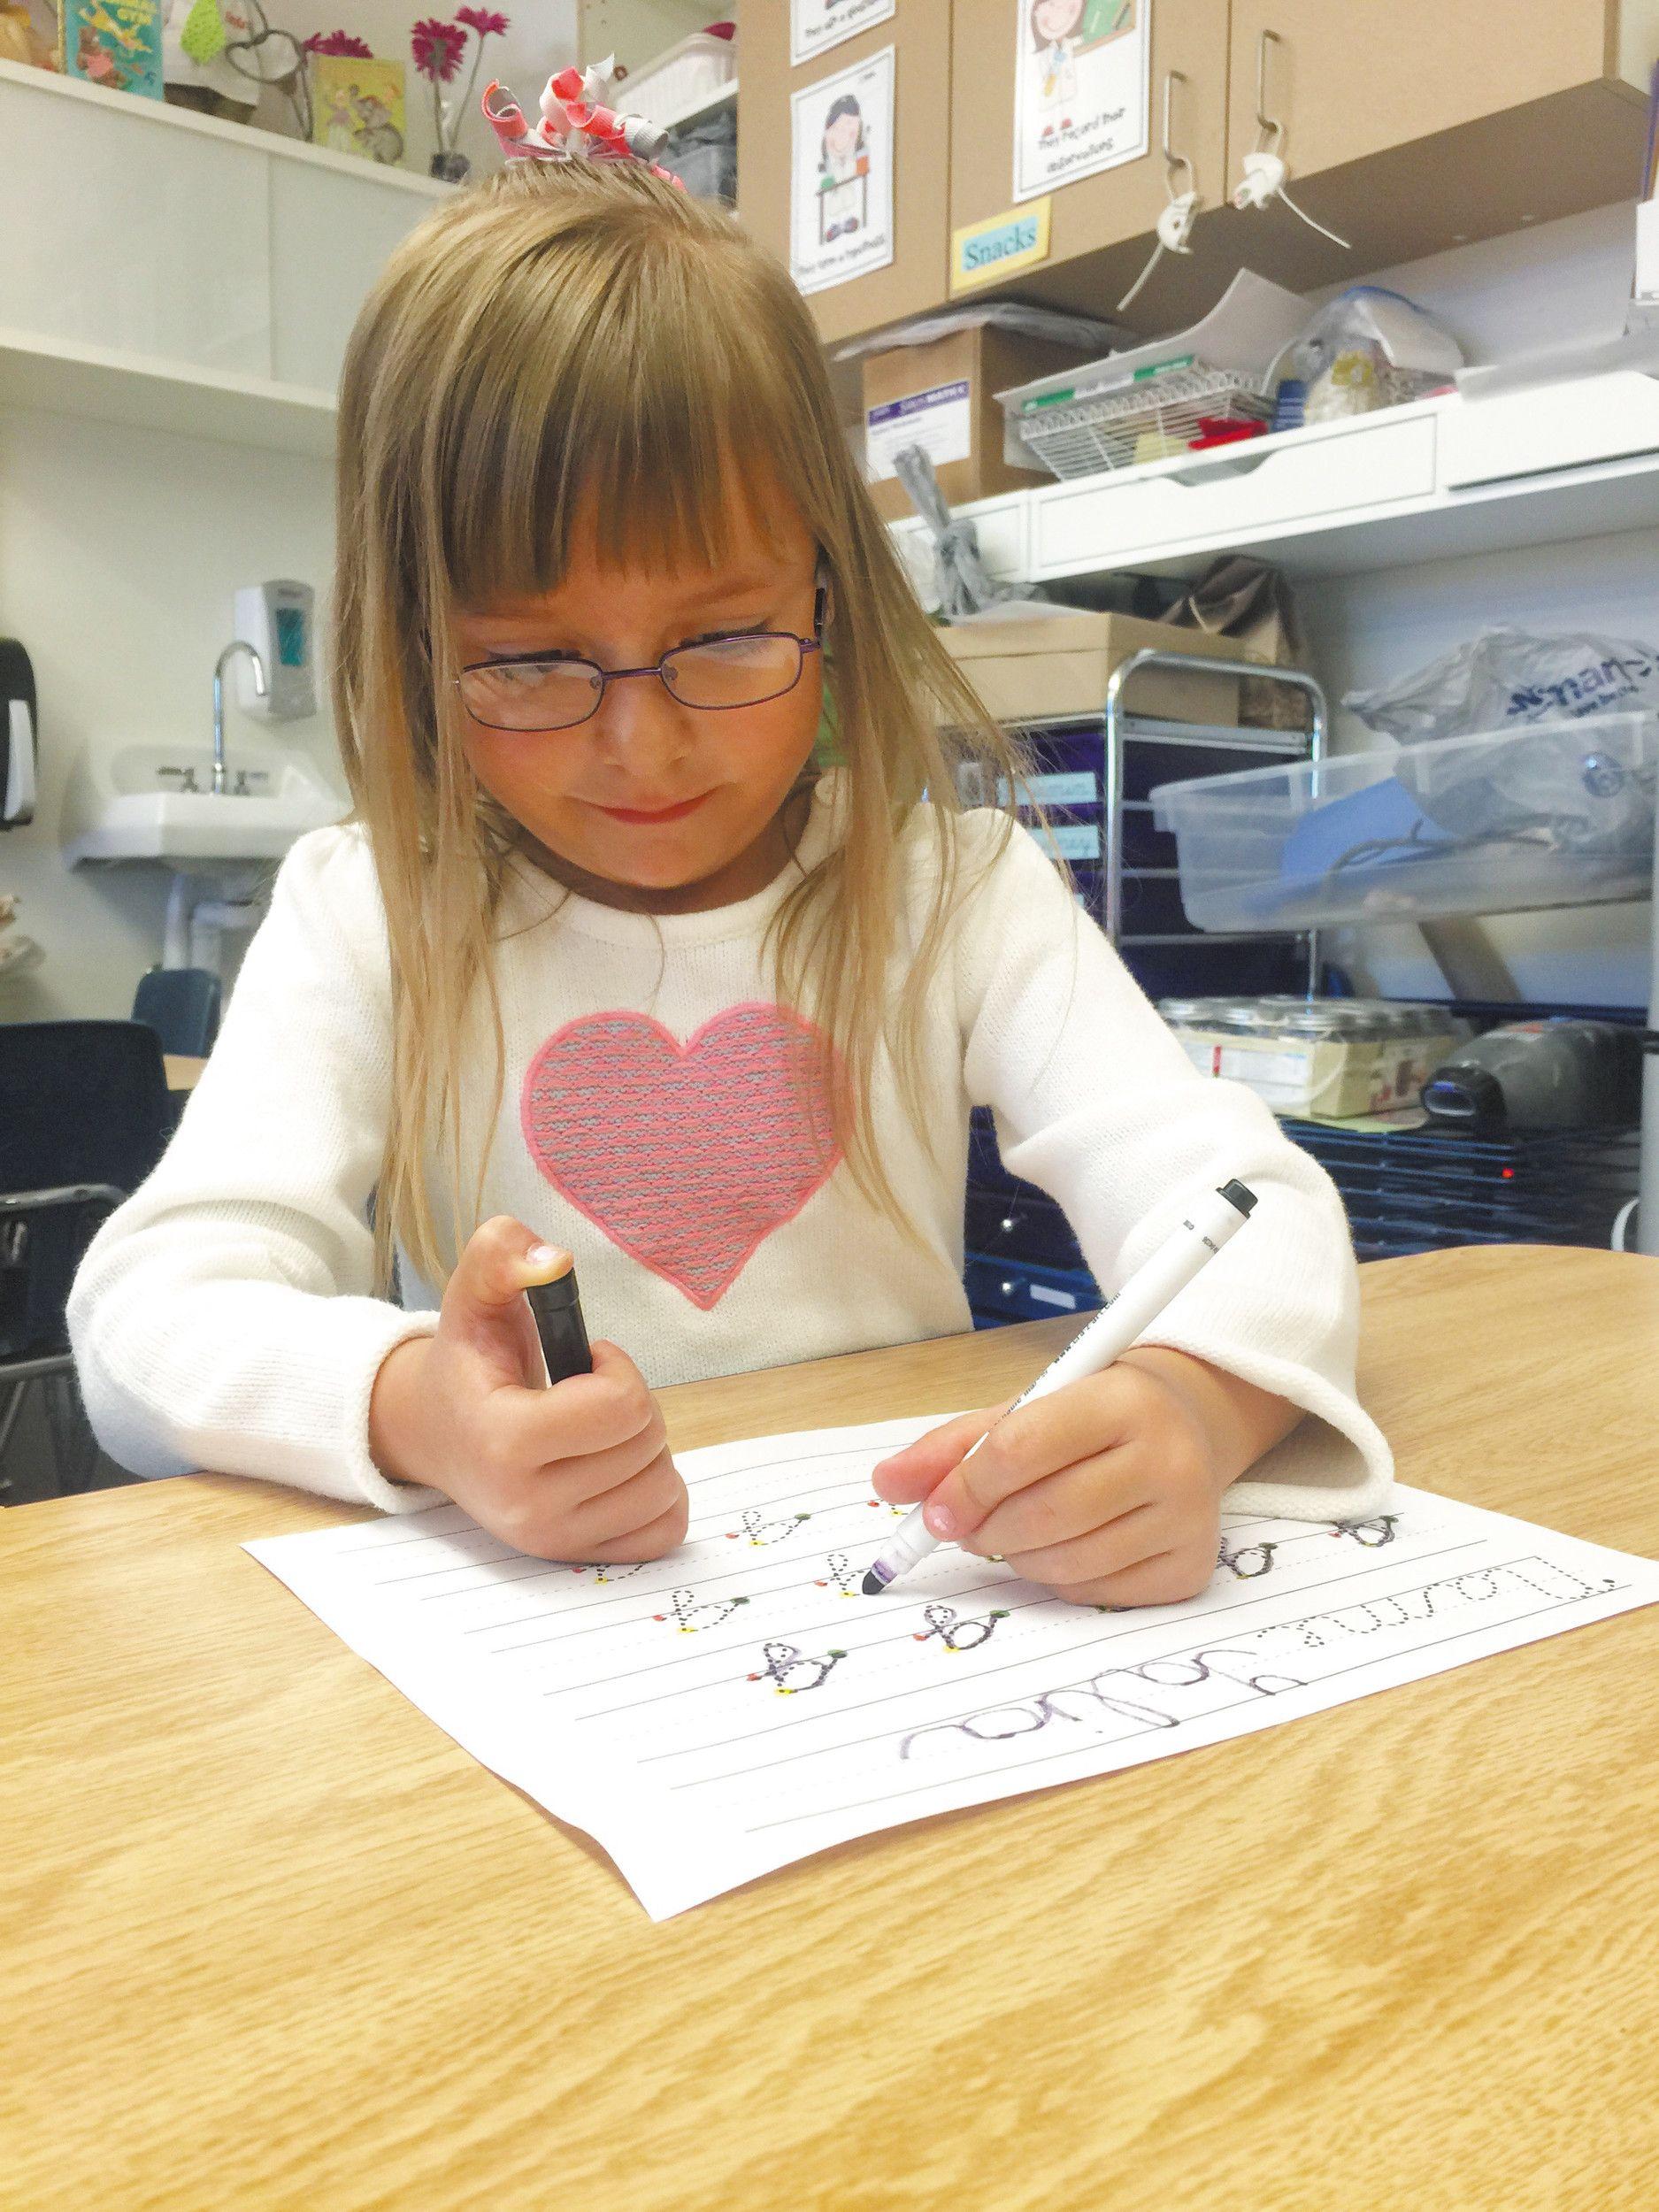 Talia Collier Pre Kindergarten Diligently Practices Her